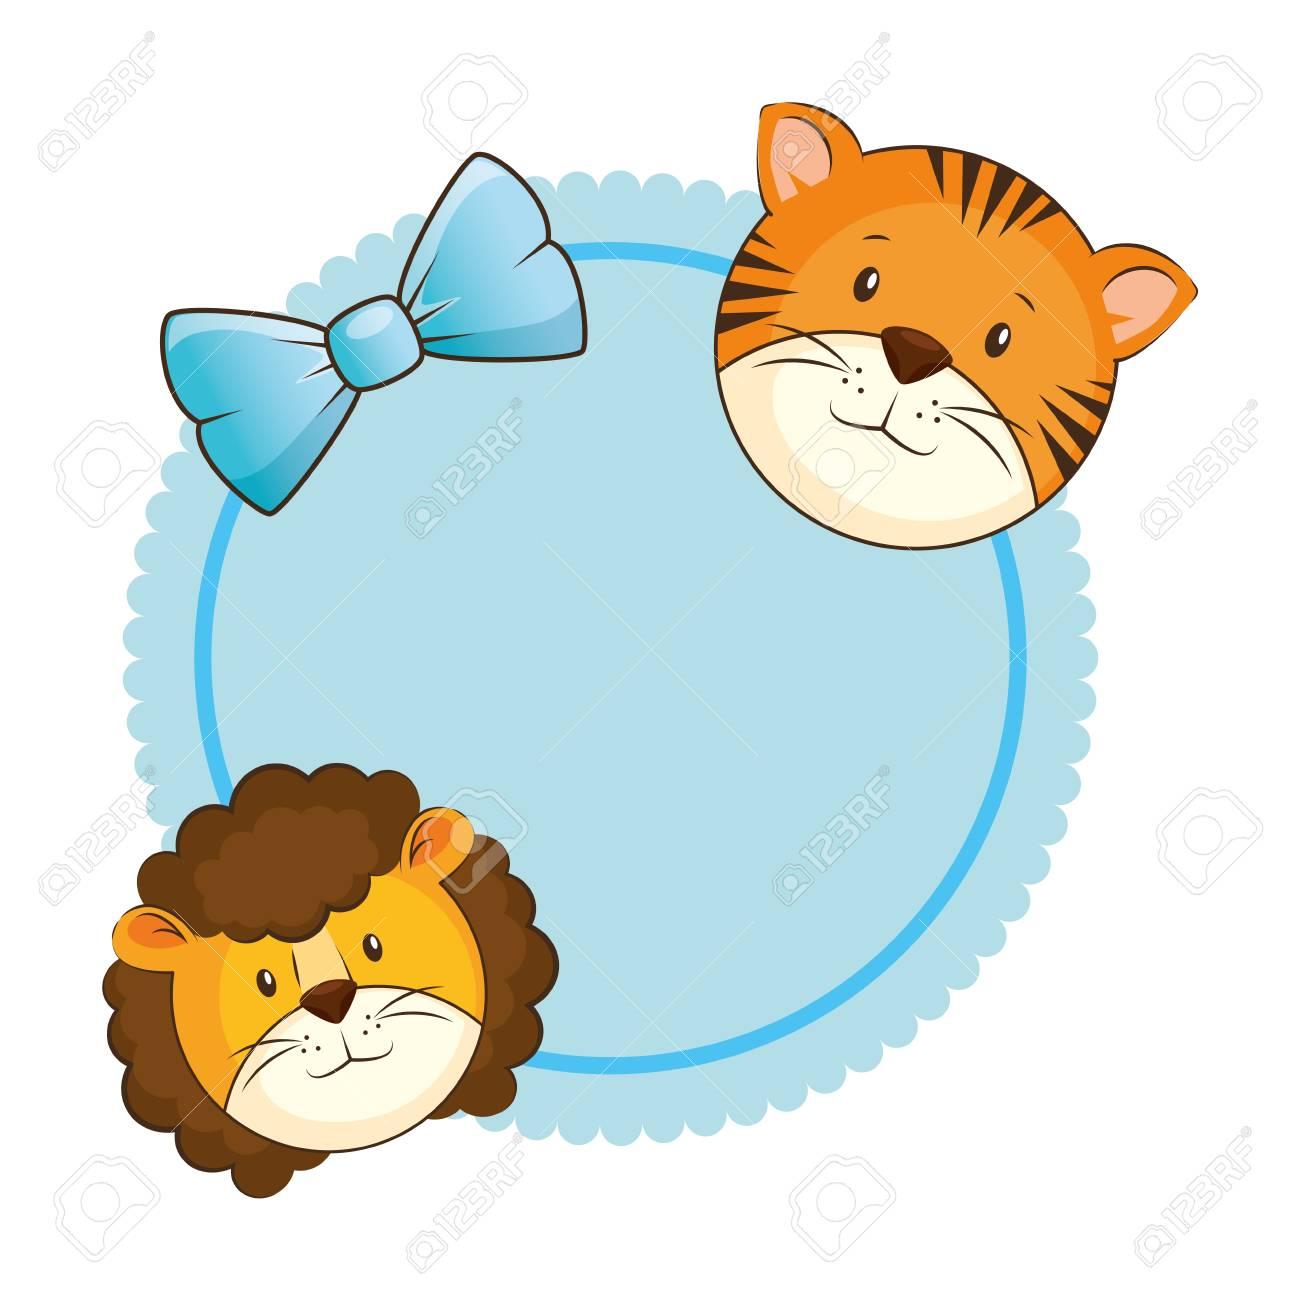 虎カード ベクトル イラスト デザインでかわいいライオンのイラスト素材